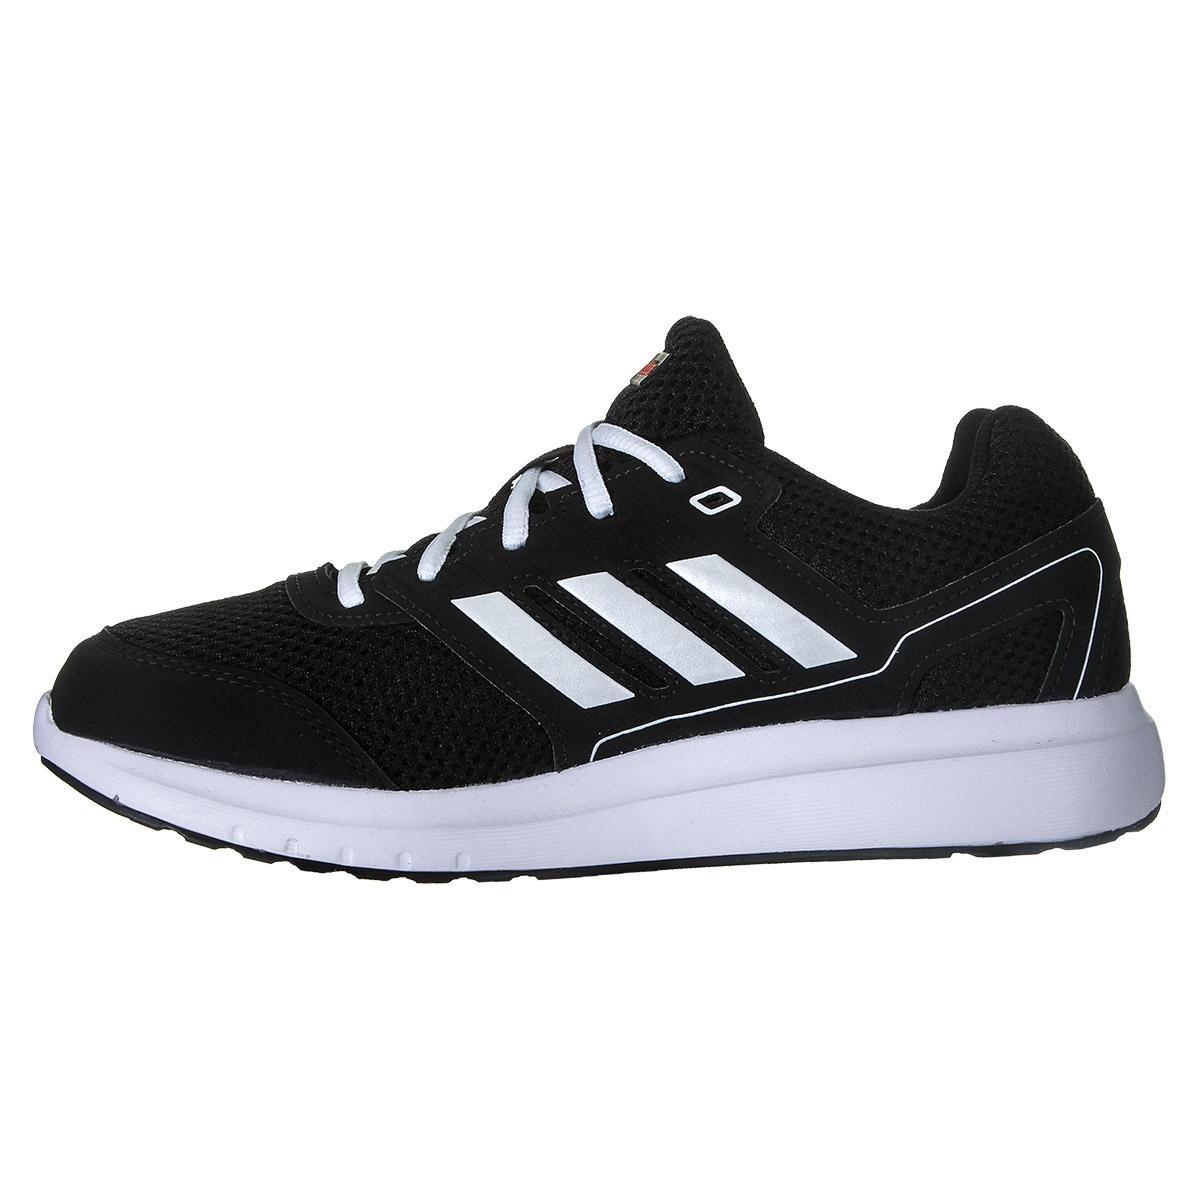 277f1b44d Tênis Adidas Duramo Lite 2.0 Feminino R$ 229,90 à vista. Adicionar à sacola